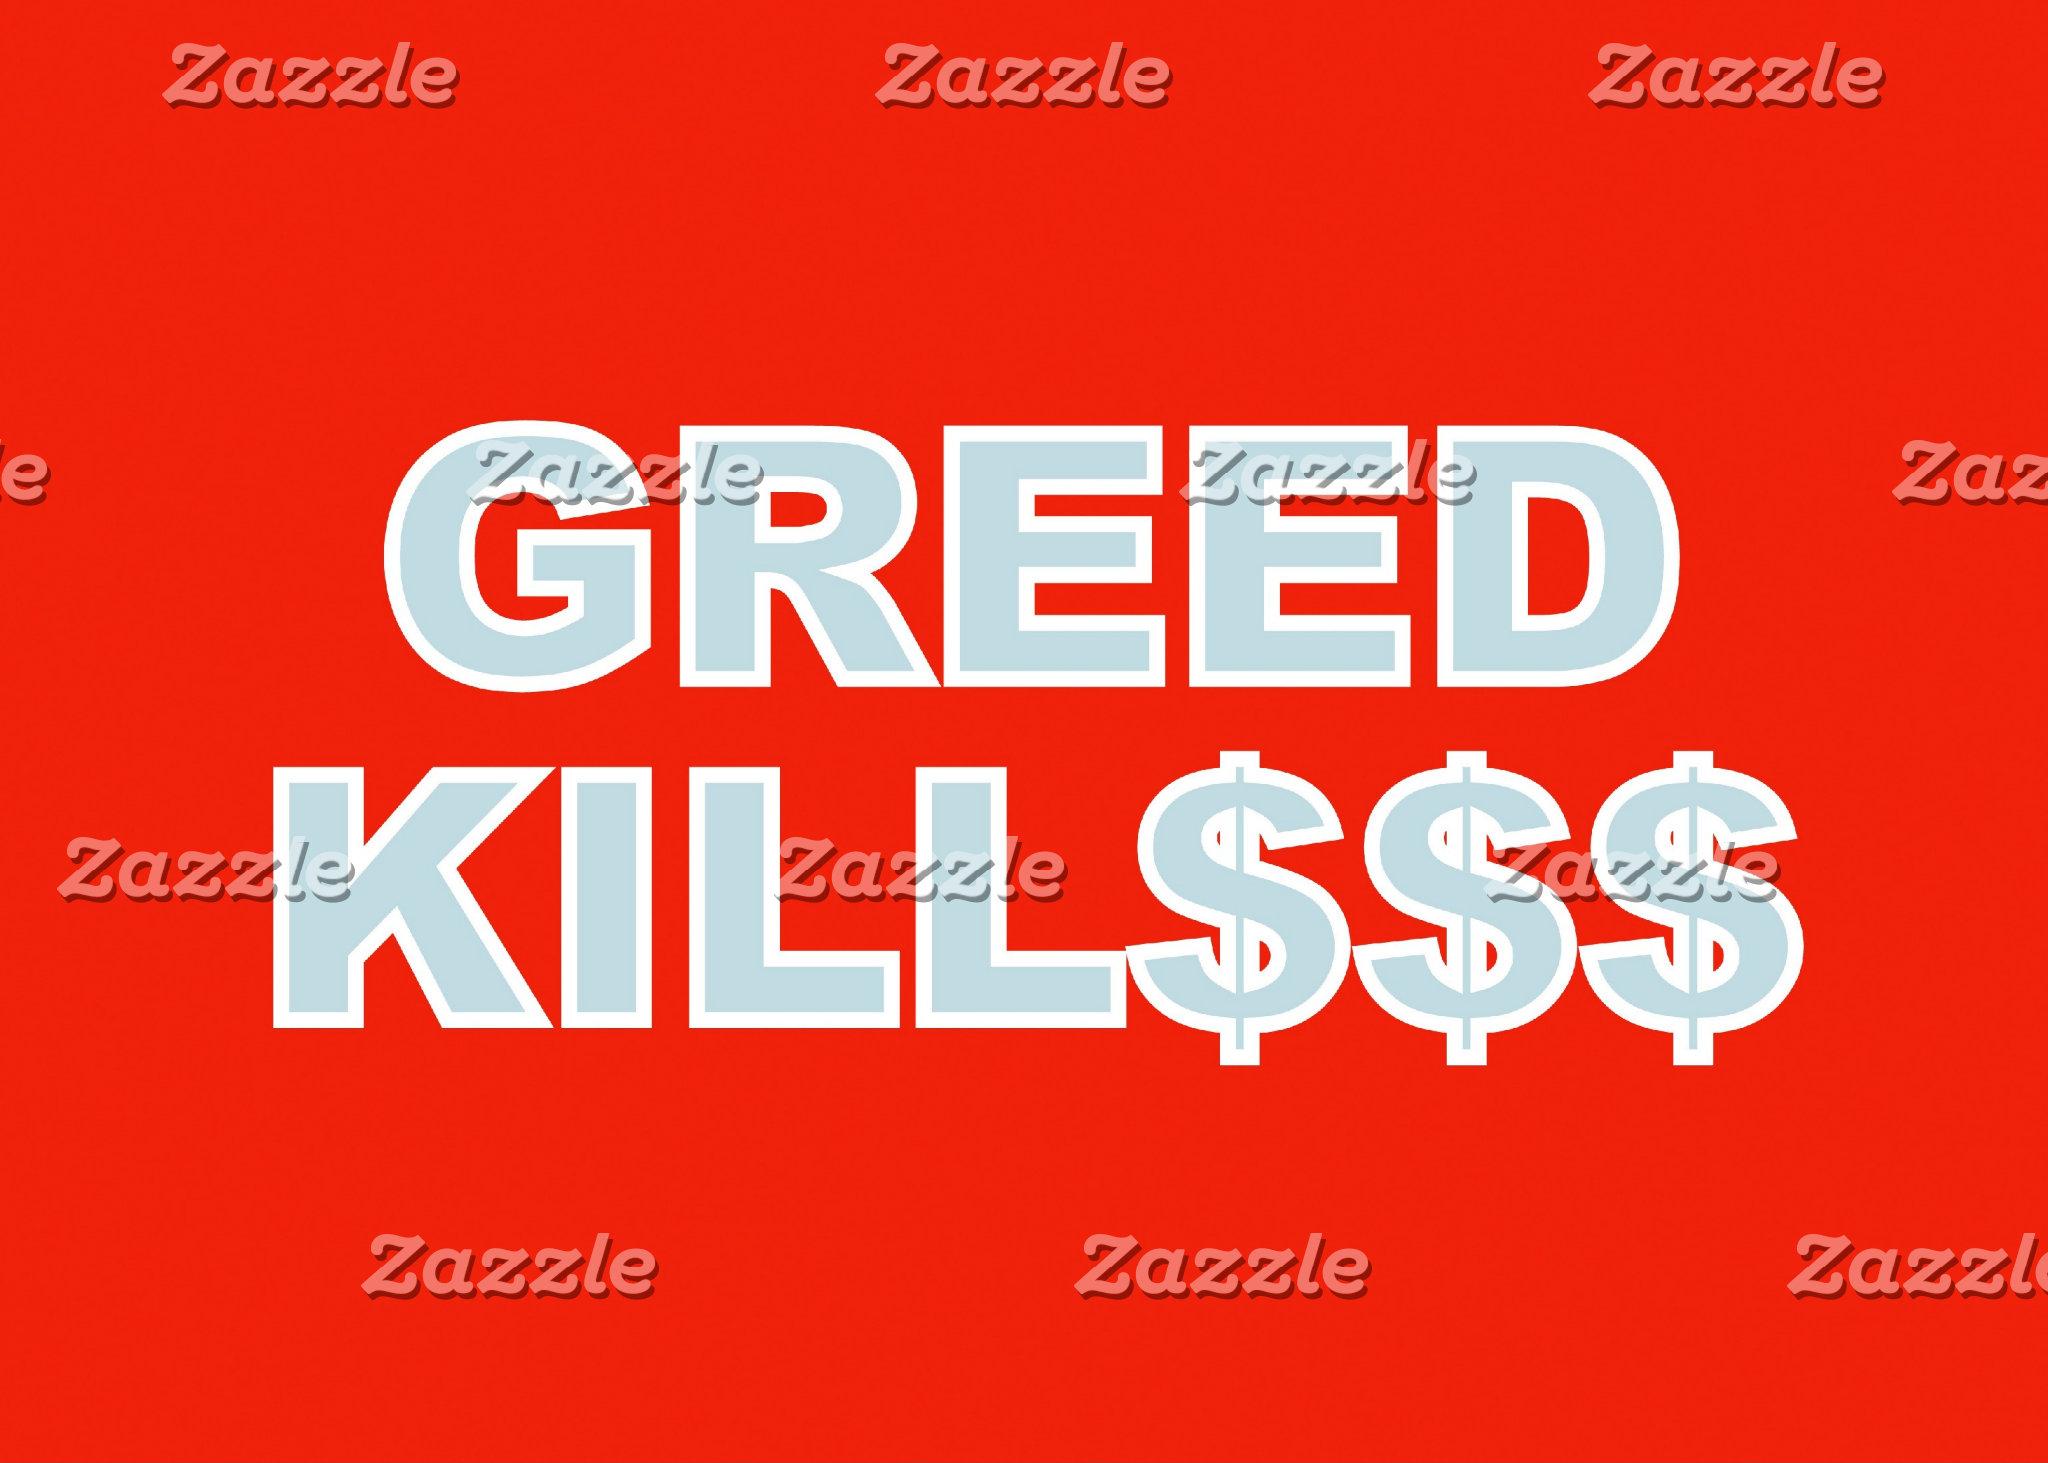 GREED KILL$